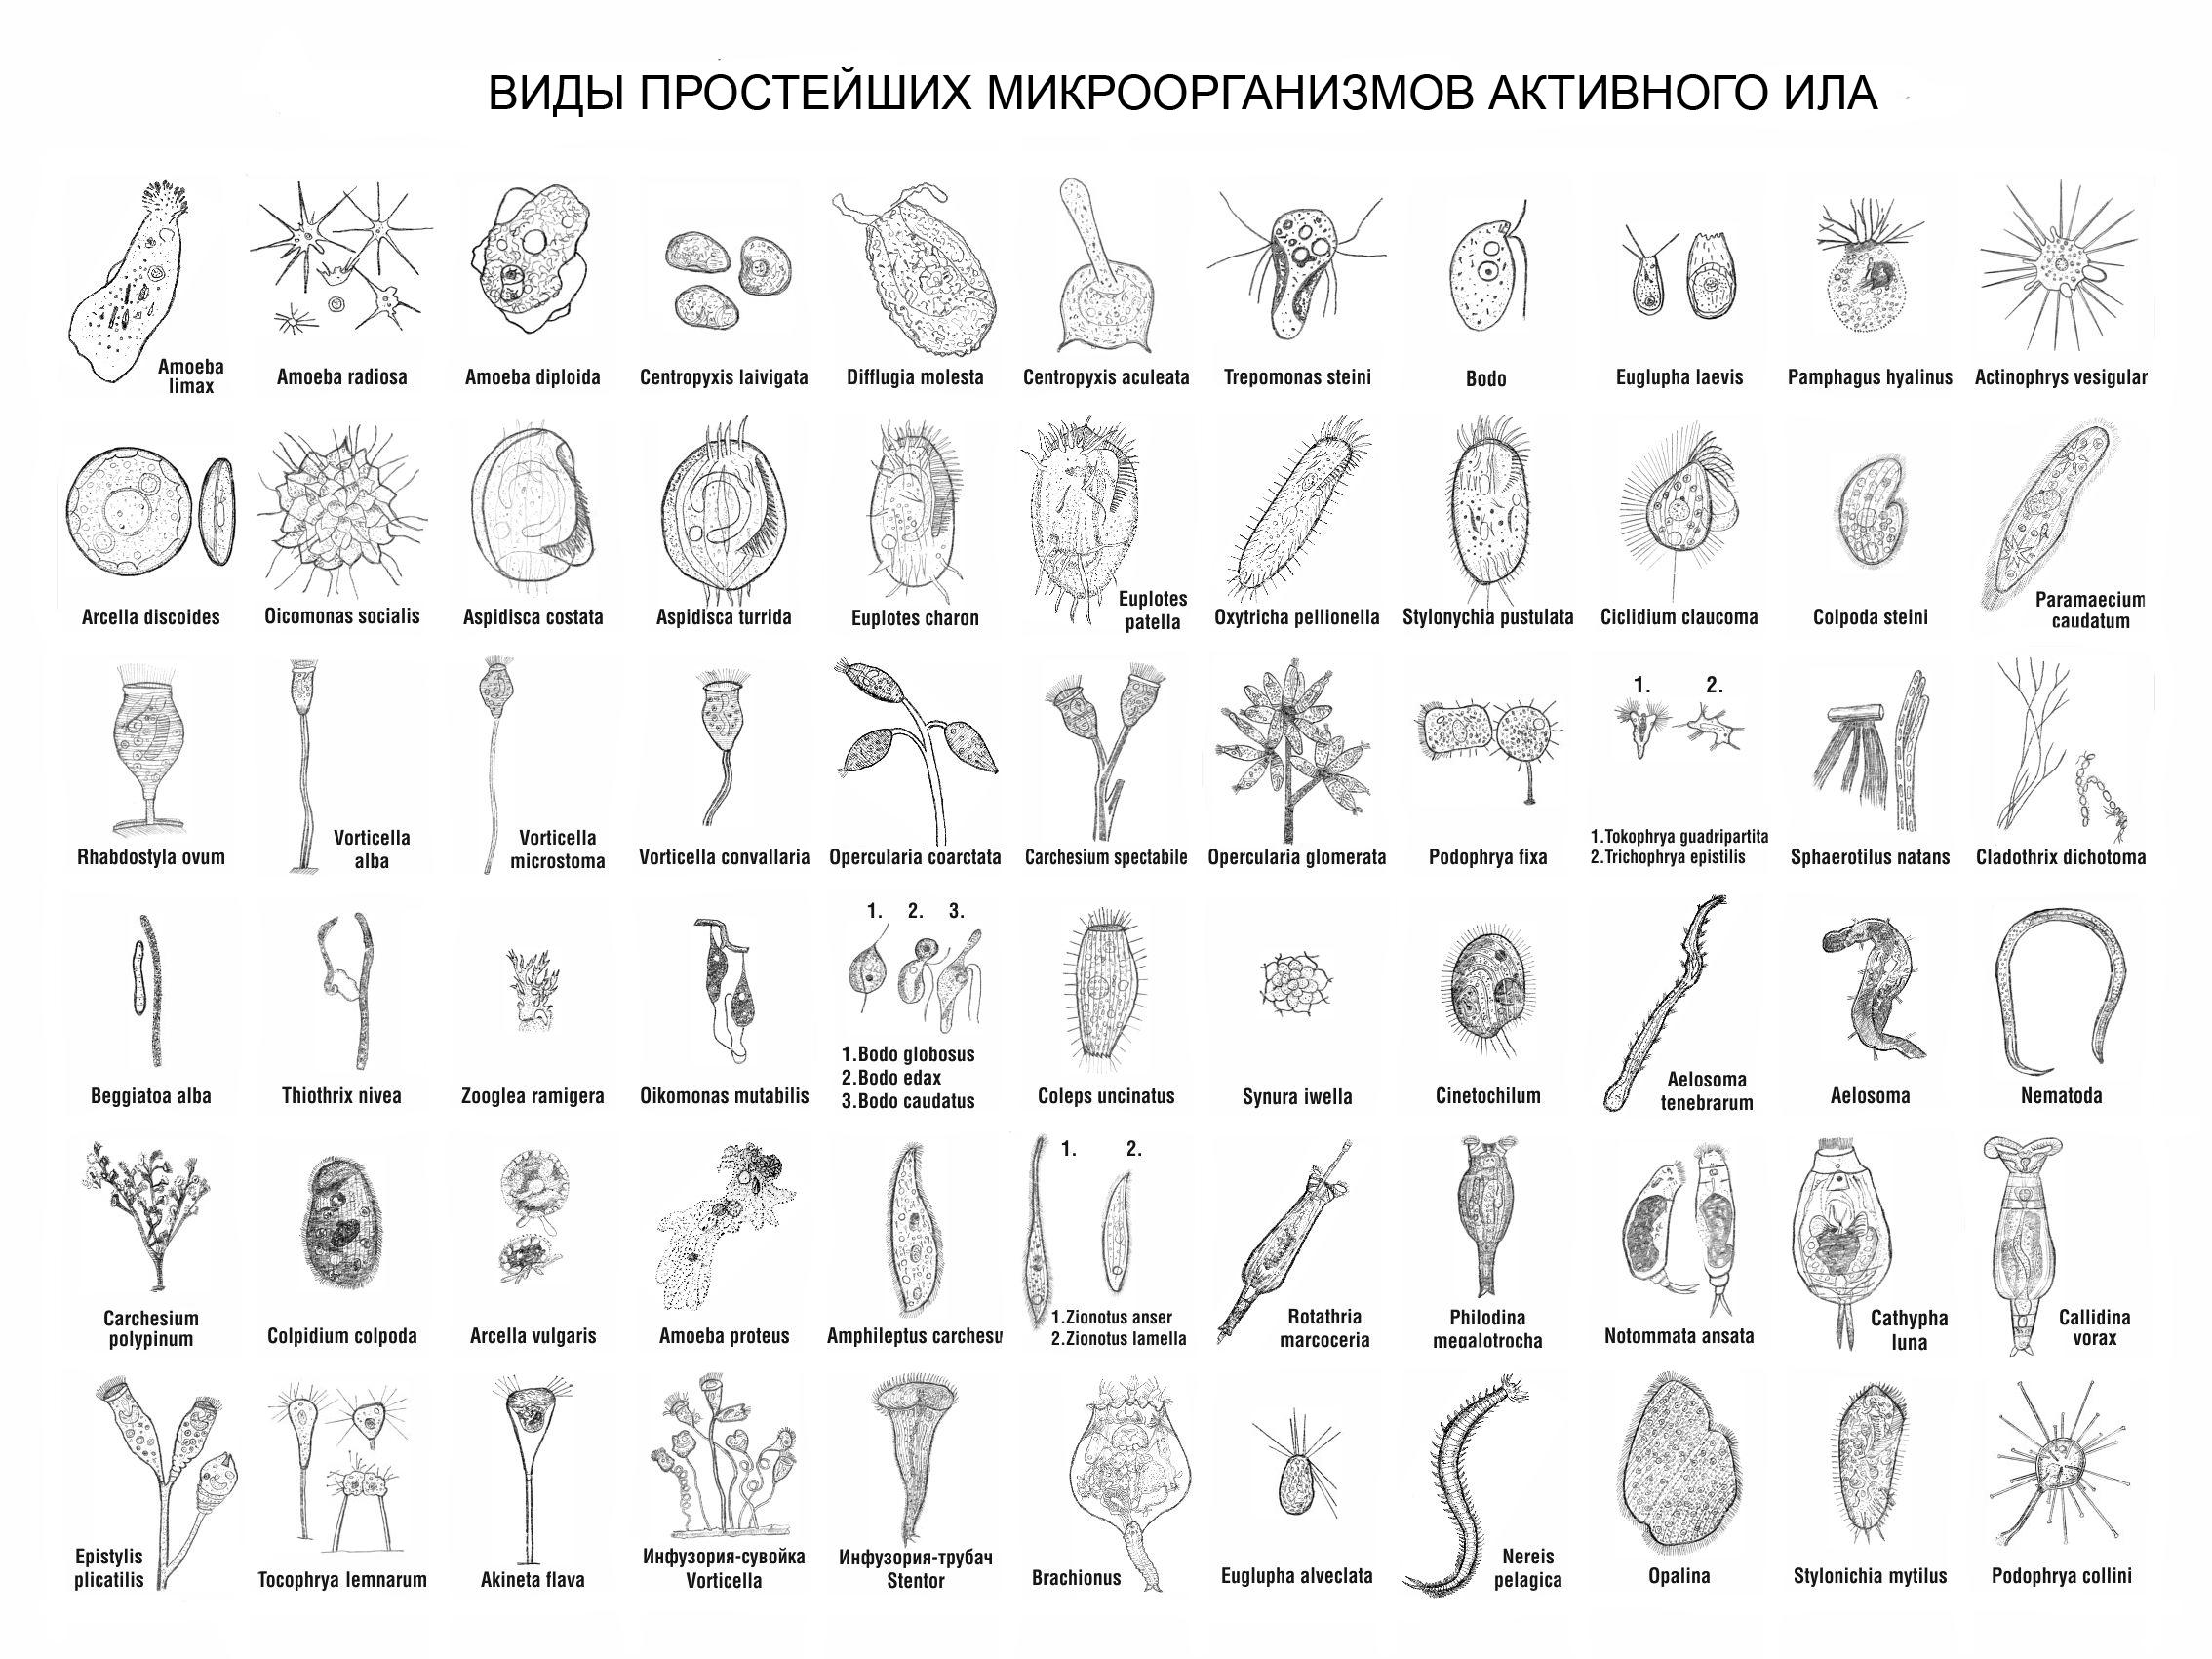 Виды микроорганизмов активного ила